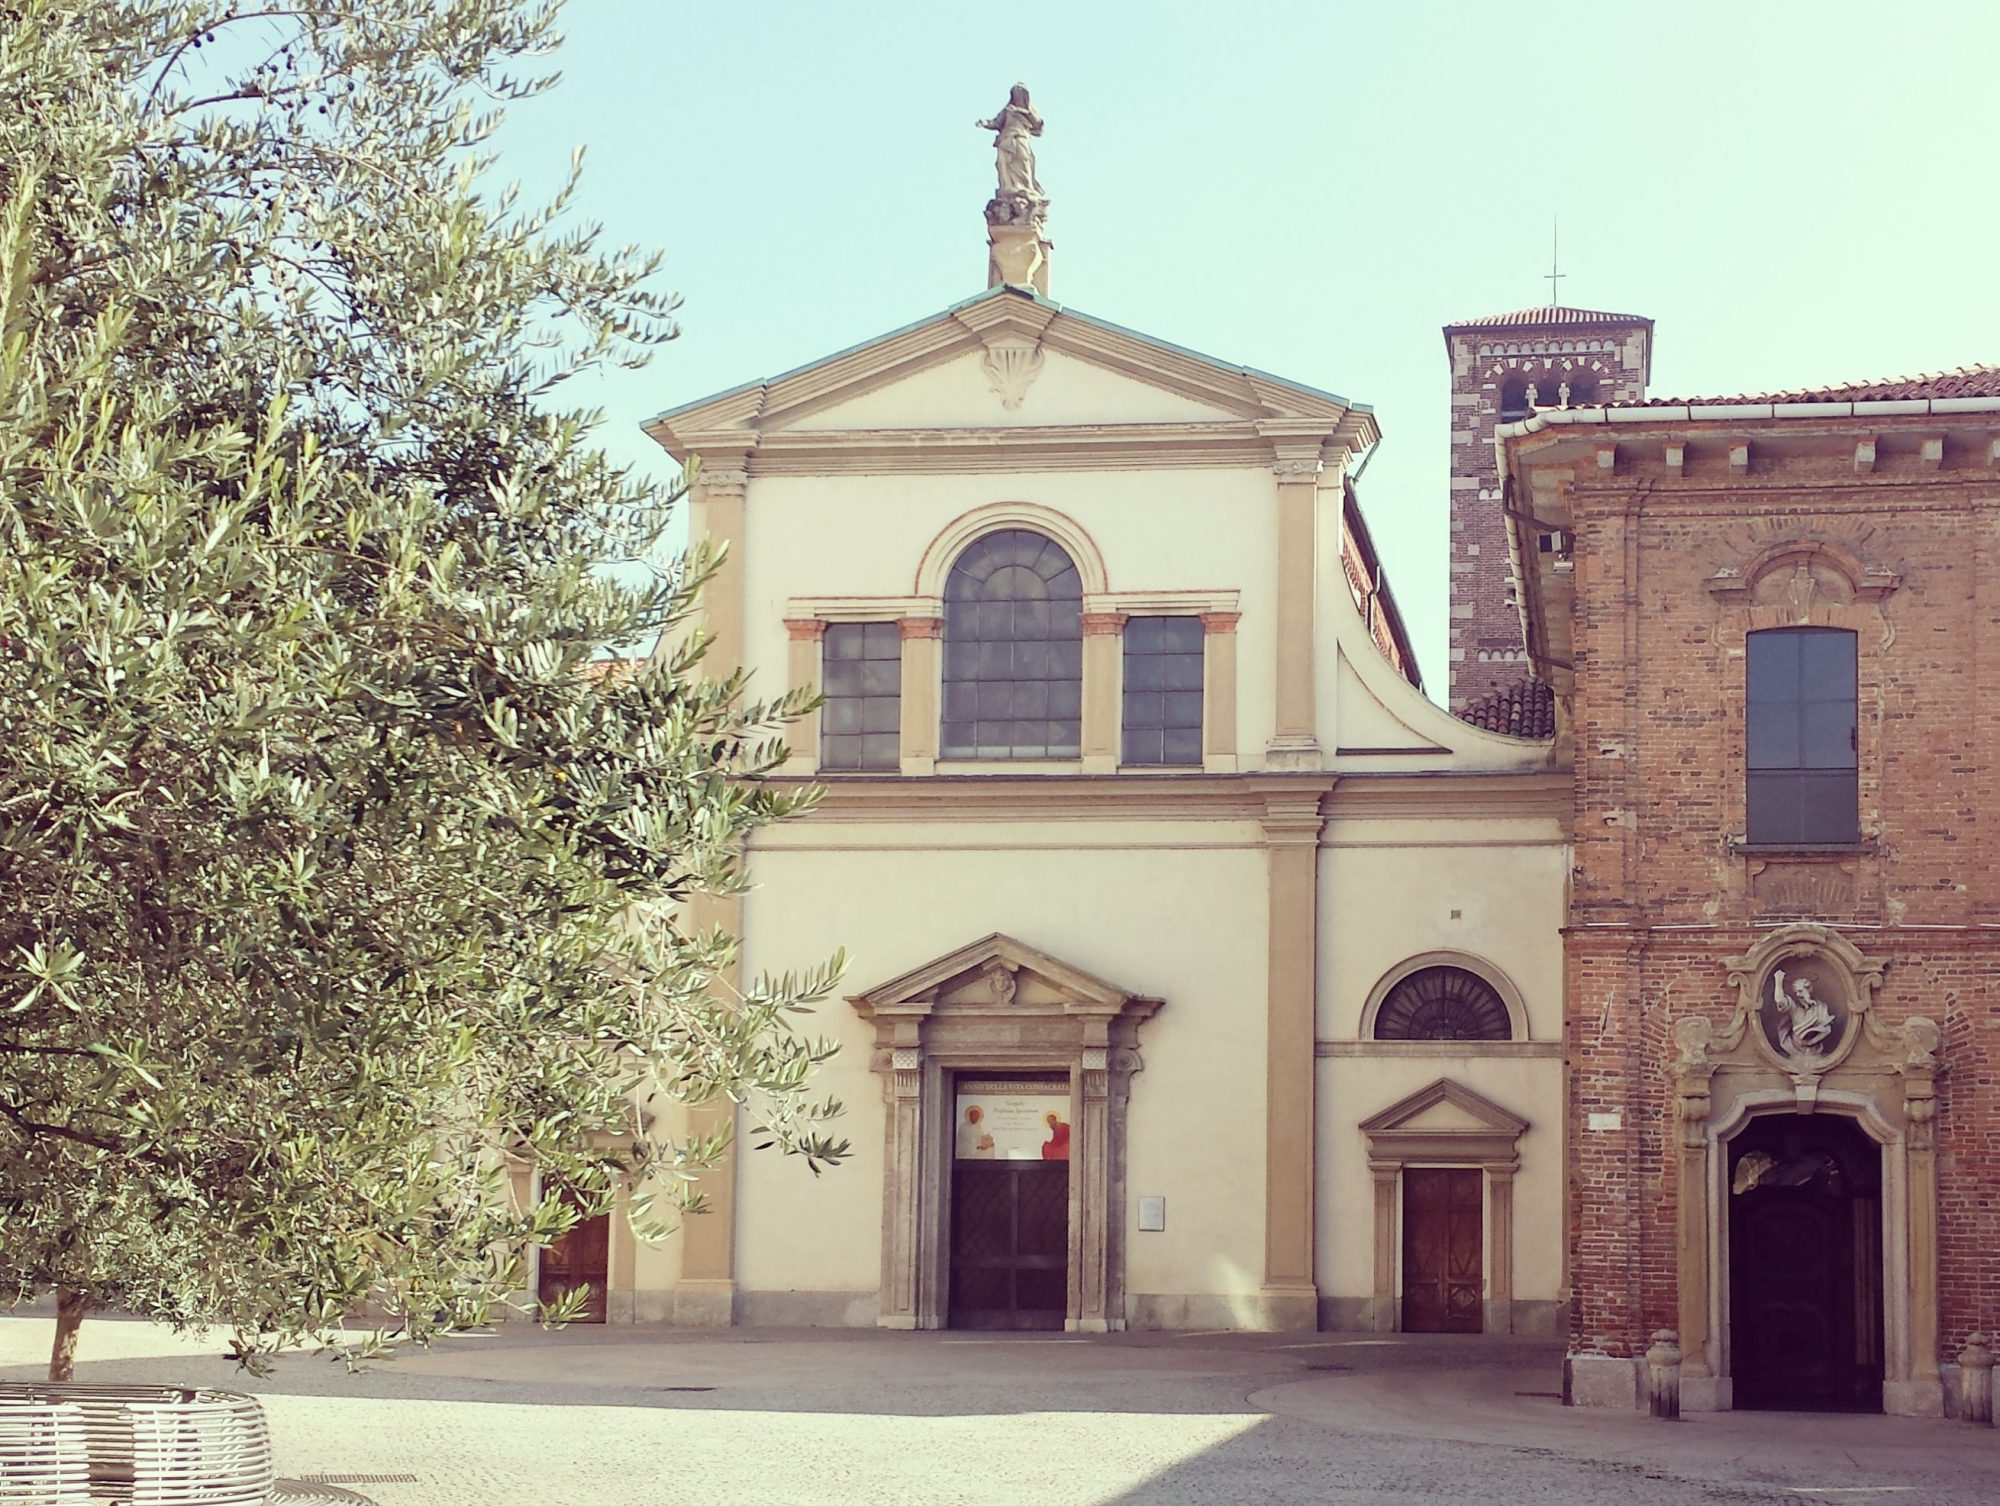 Monza - Santa Maria al Carrobiolo